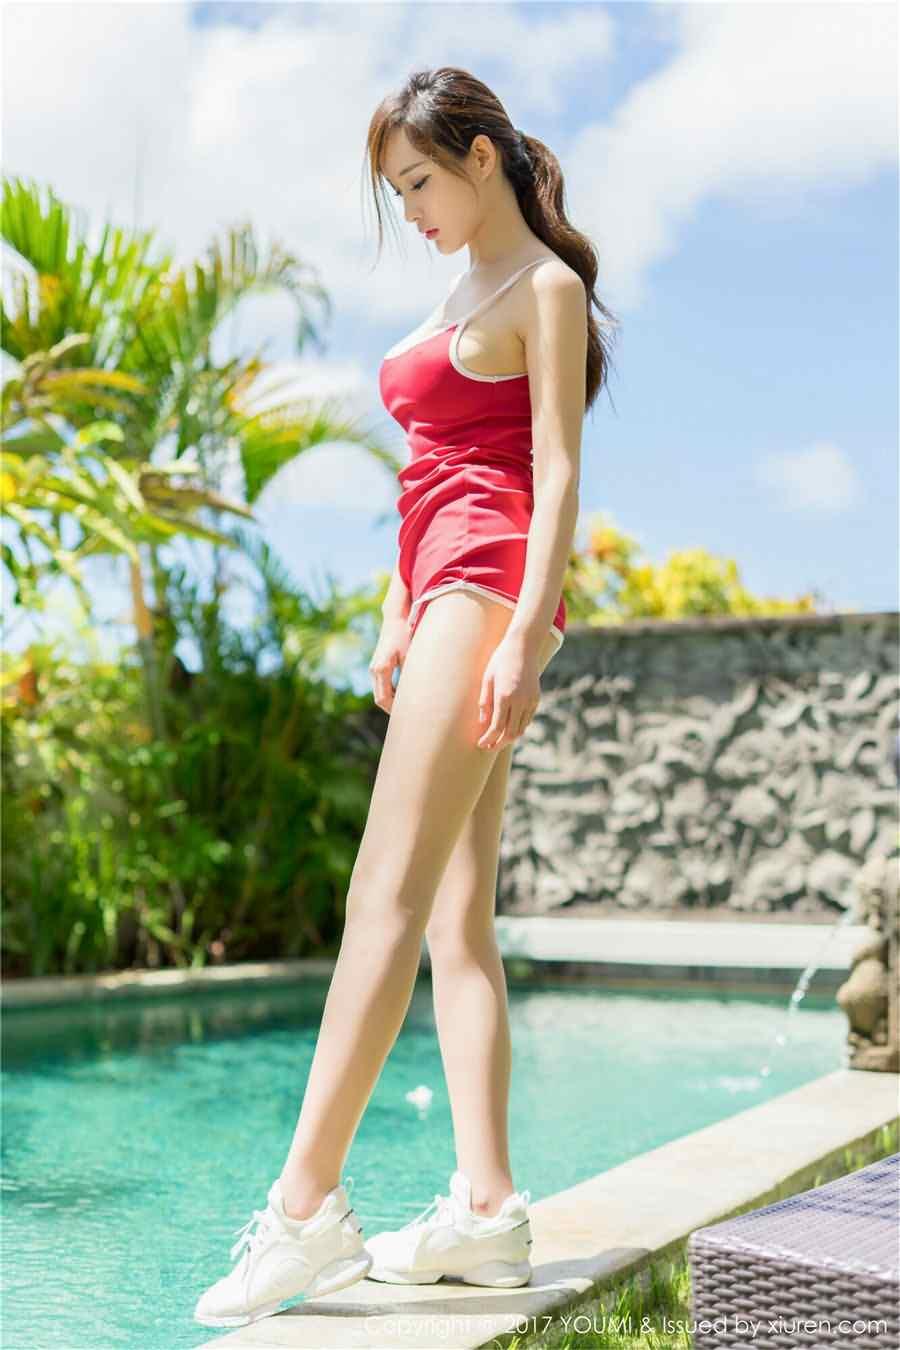 标准腿型图片 最美腿型腿的标准图片